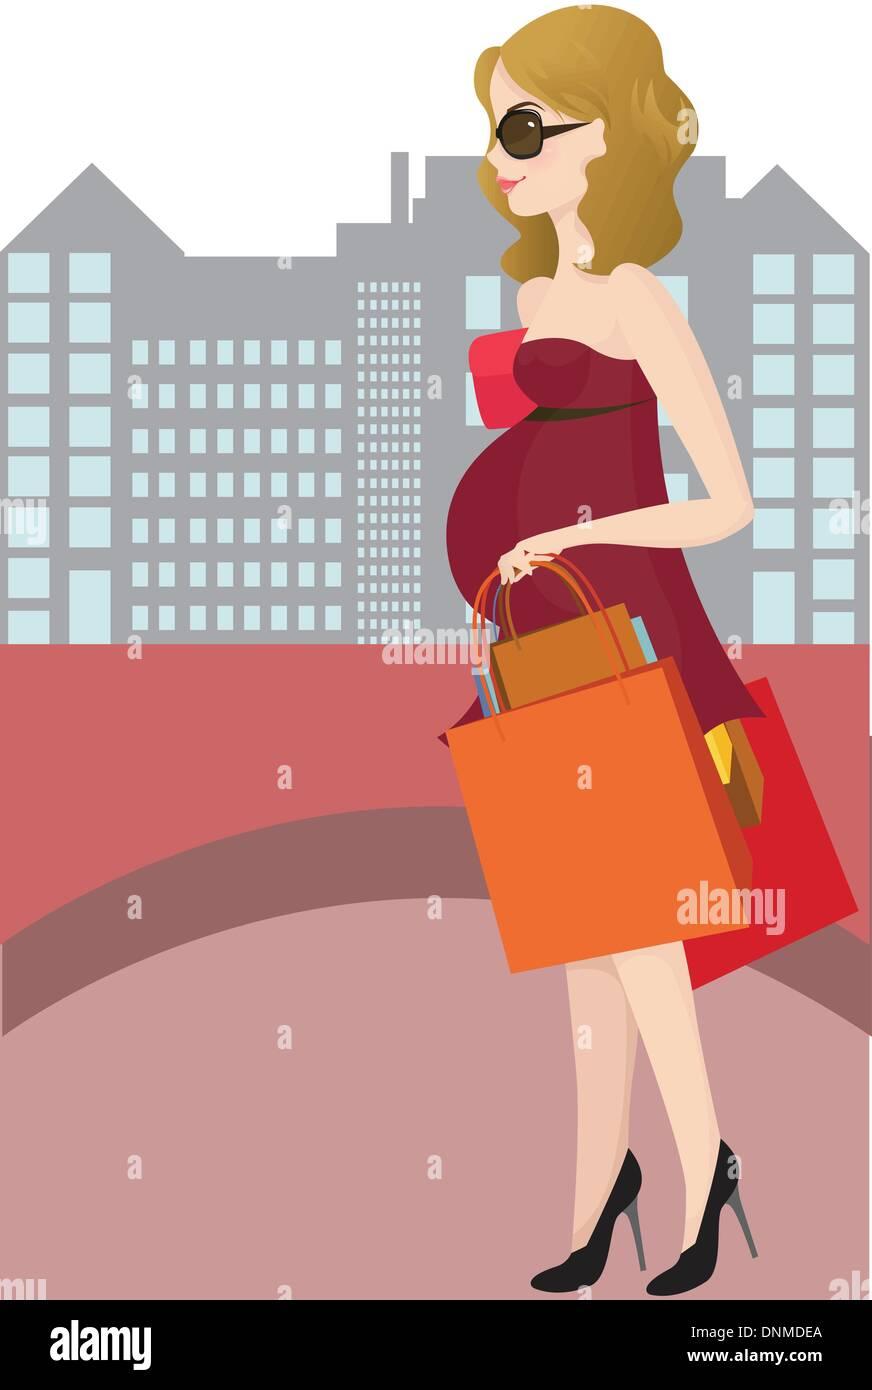 Eine Vektor-Illustration einer schwangeren Frau einkaufen gehen Stockbild